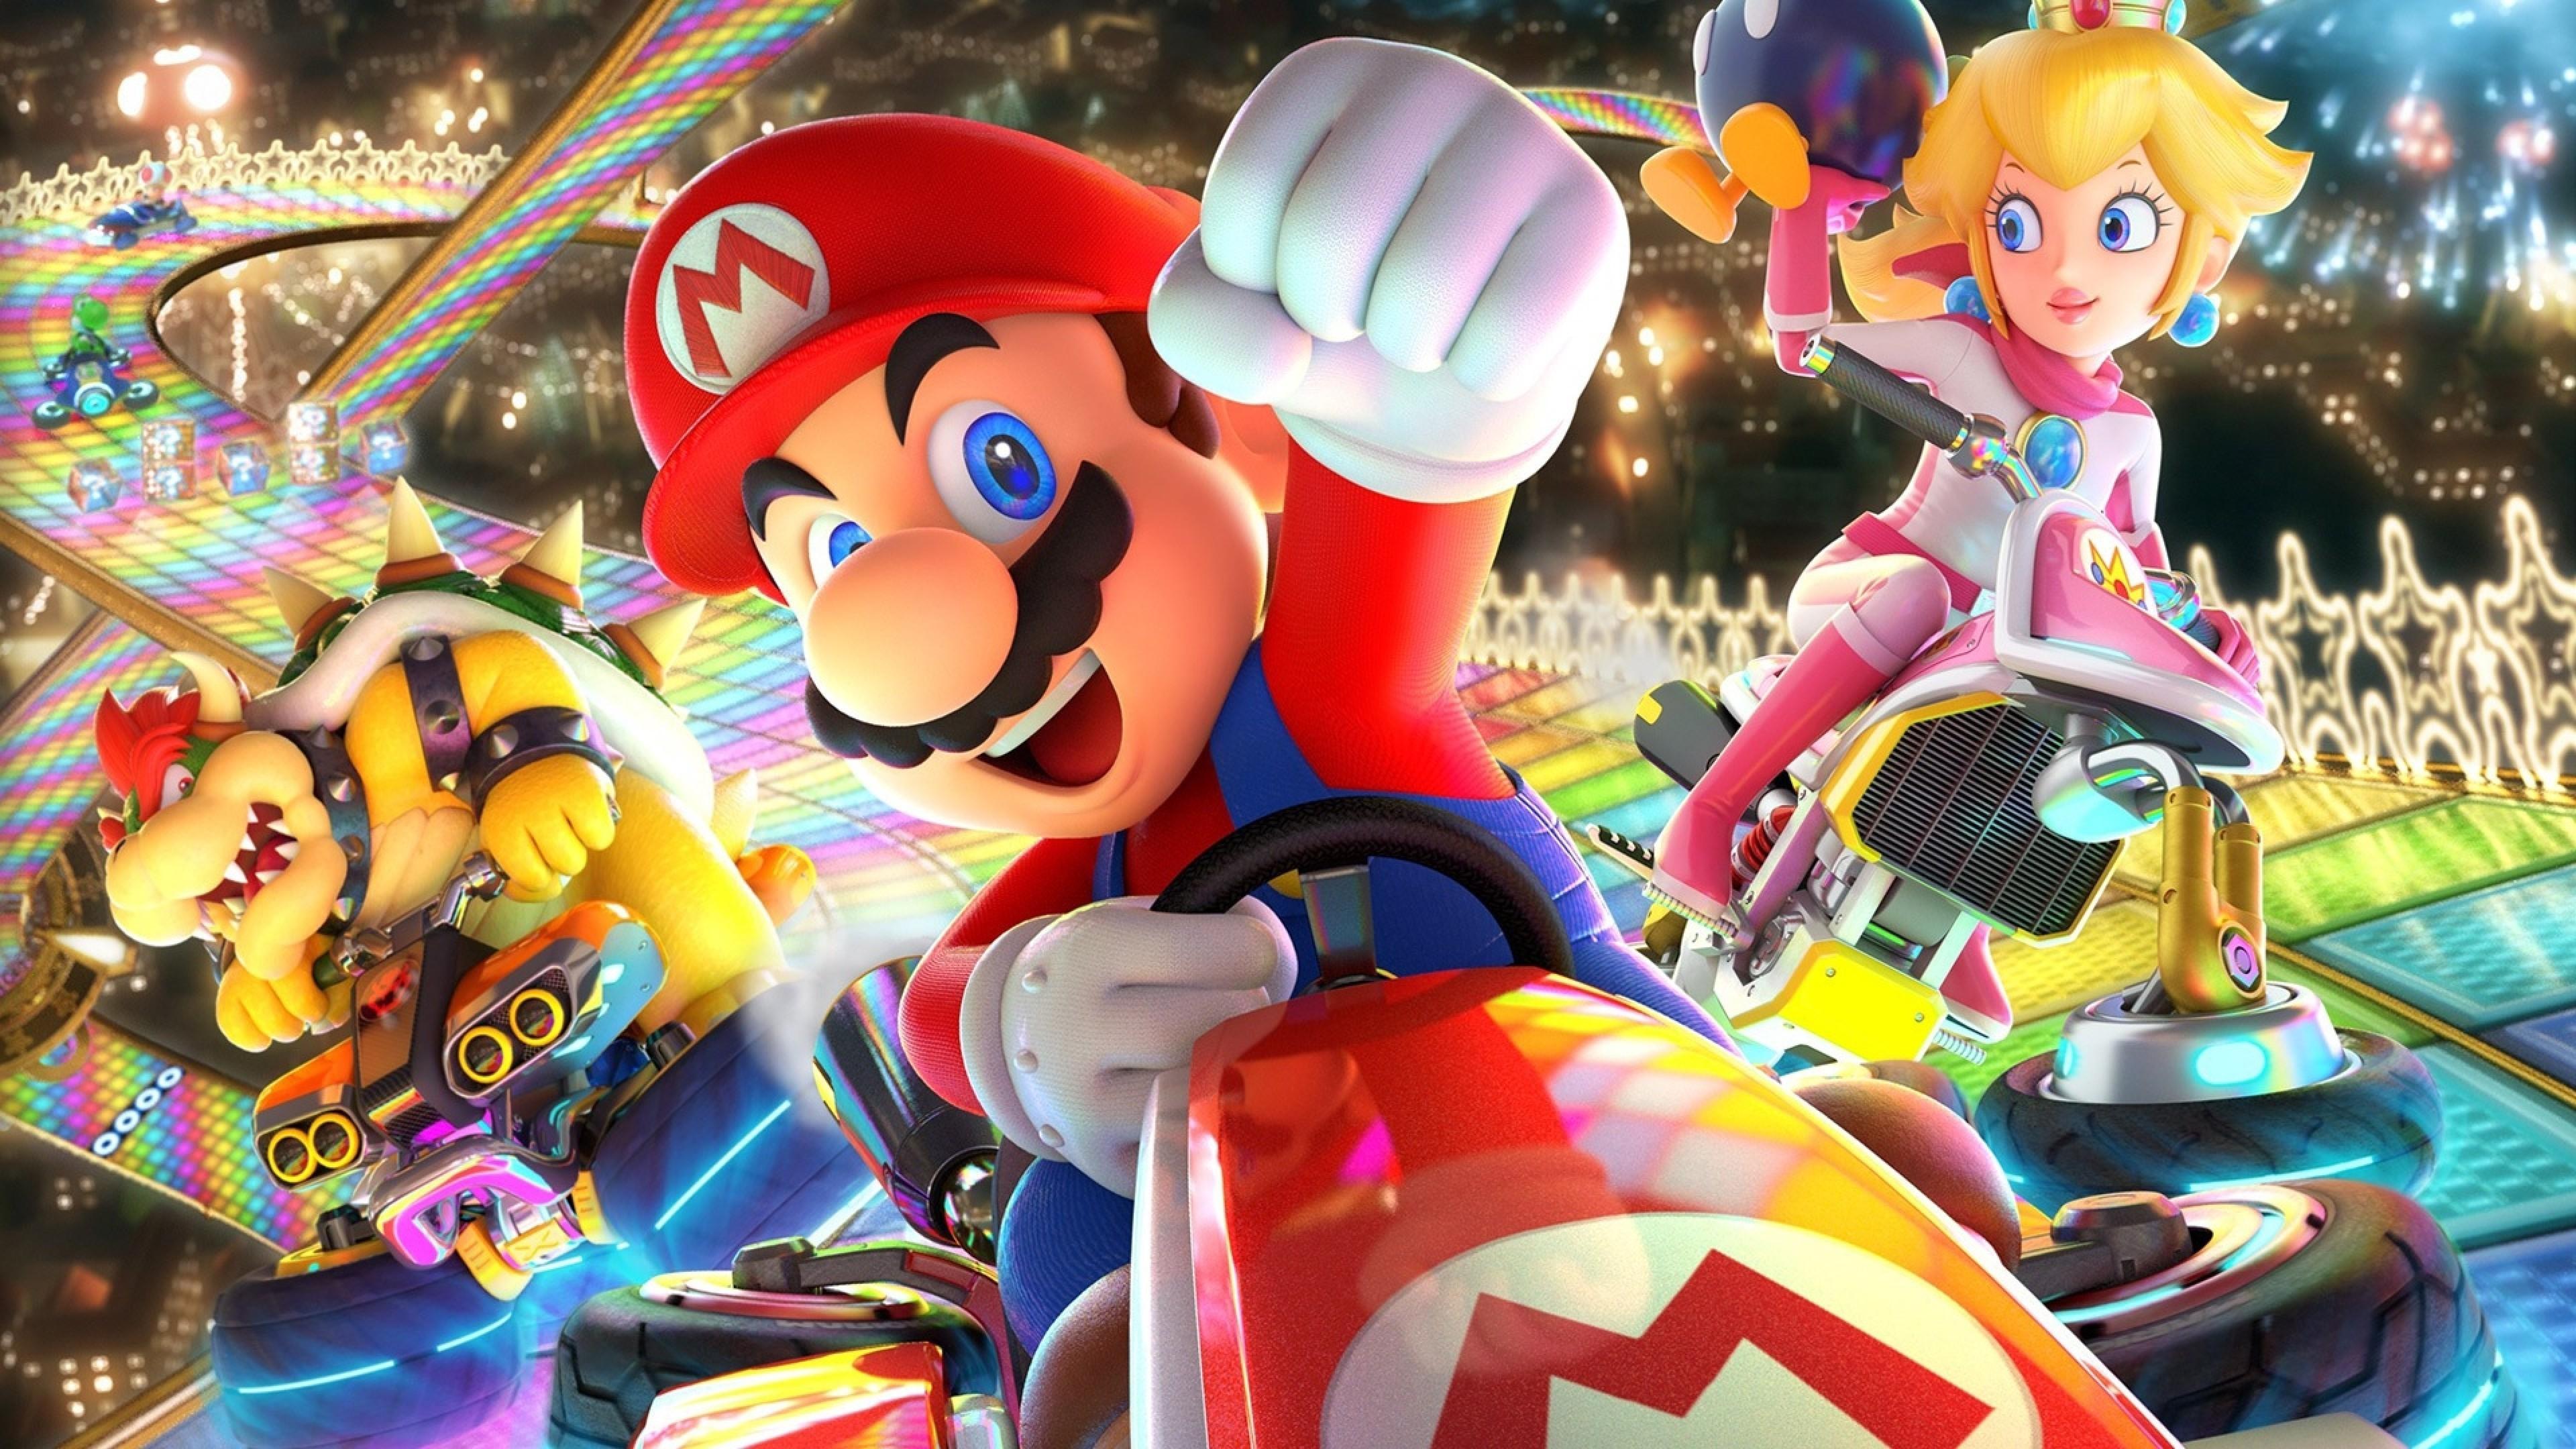 Wallpaper Mario Kart 8 Deluxe poster 4k Games 17792